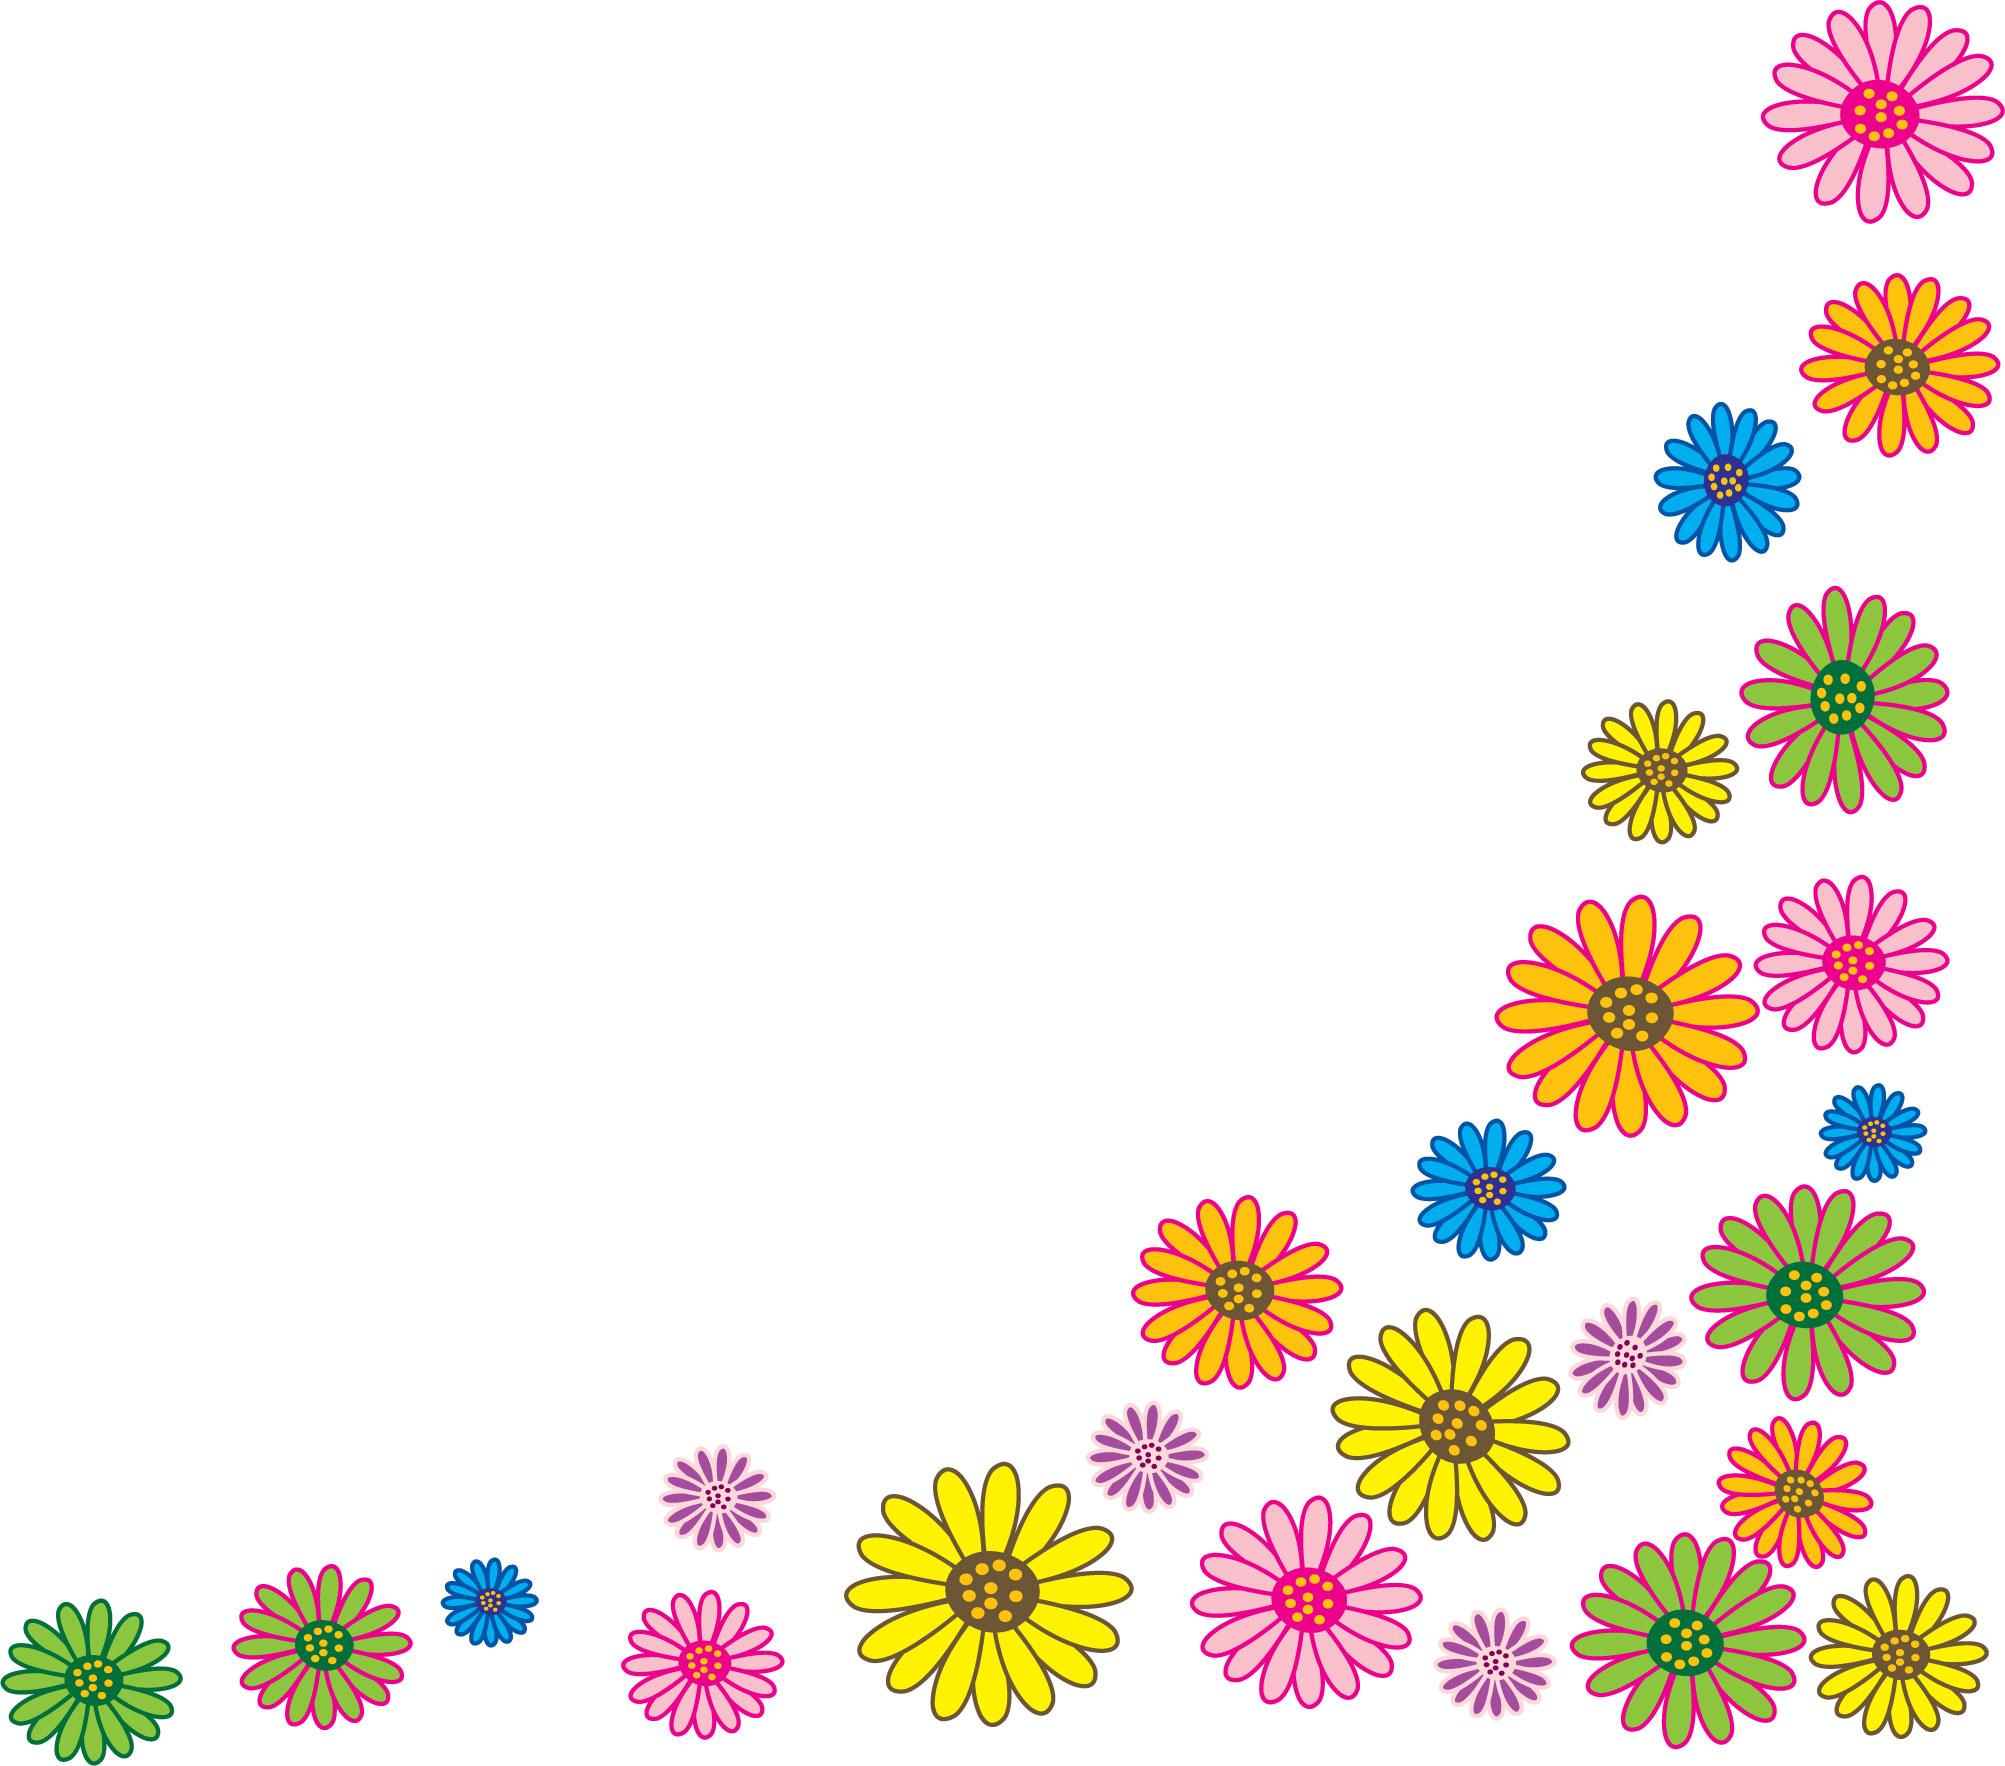 花のイラスト・フリー素材/コーナーライン・角-no.100『カラフル』